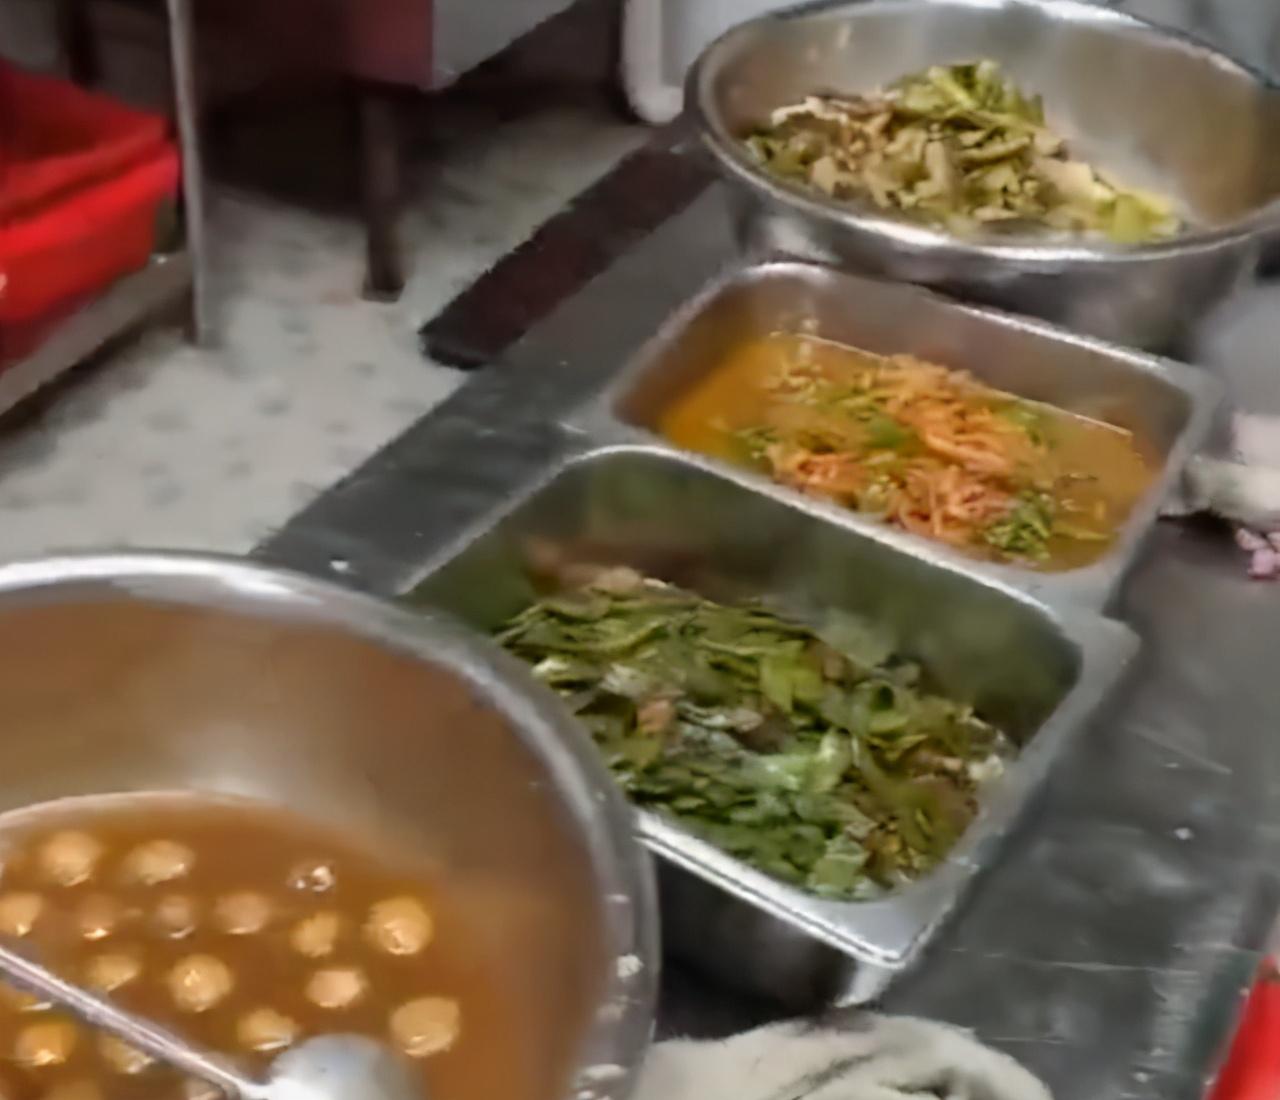 勒令整顿?食堂藏起热菜只加咸菜,学校终于回复,网友很生气